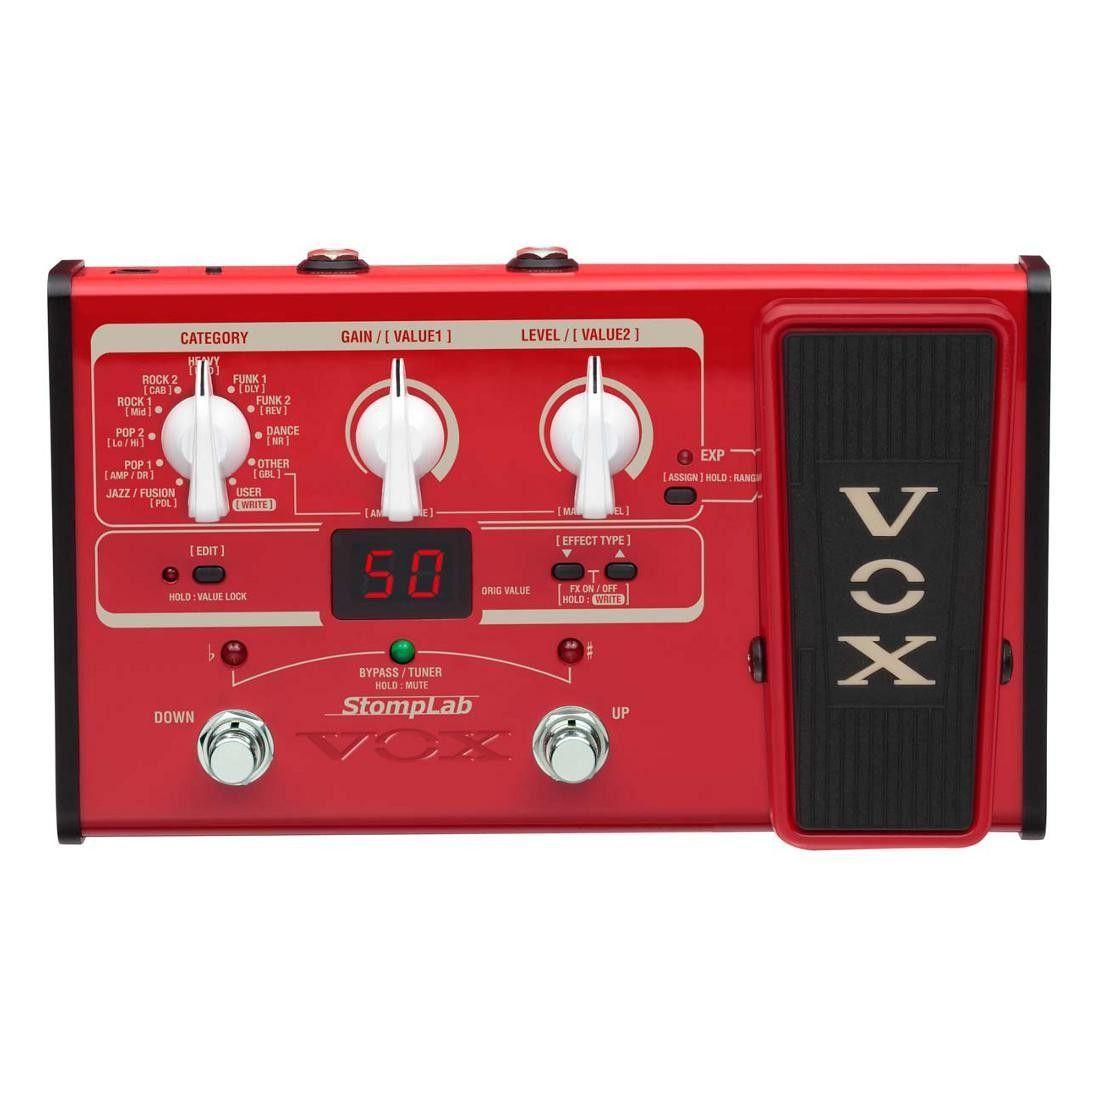 Vox StompLab IIB, Multieffektgerät für E-Bass